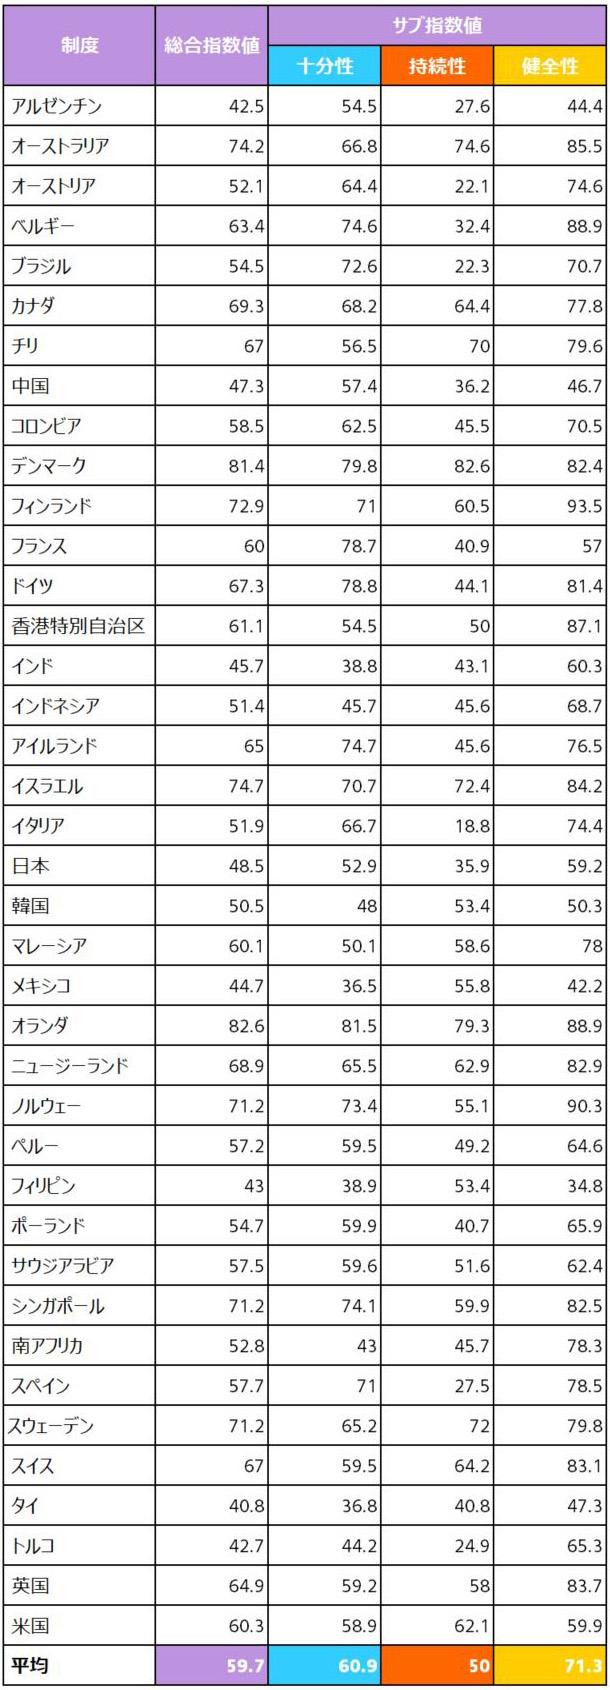 マーサー CFA協会 グローバル年金指数ランキング(2020)の資料